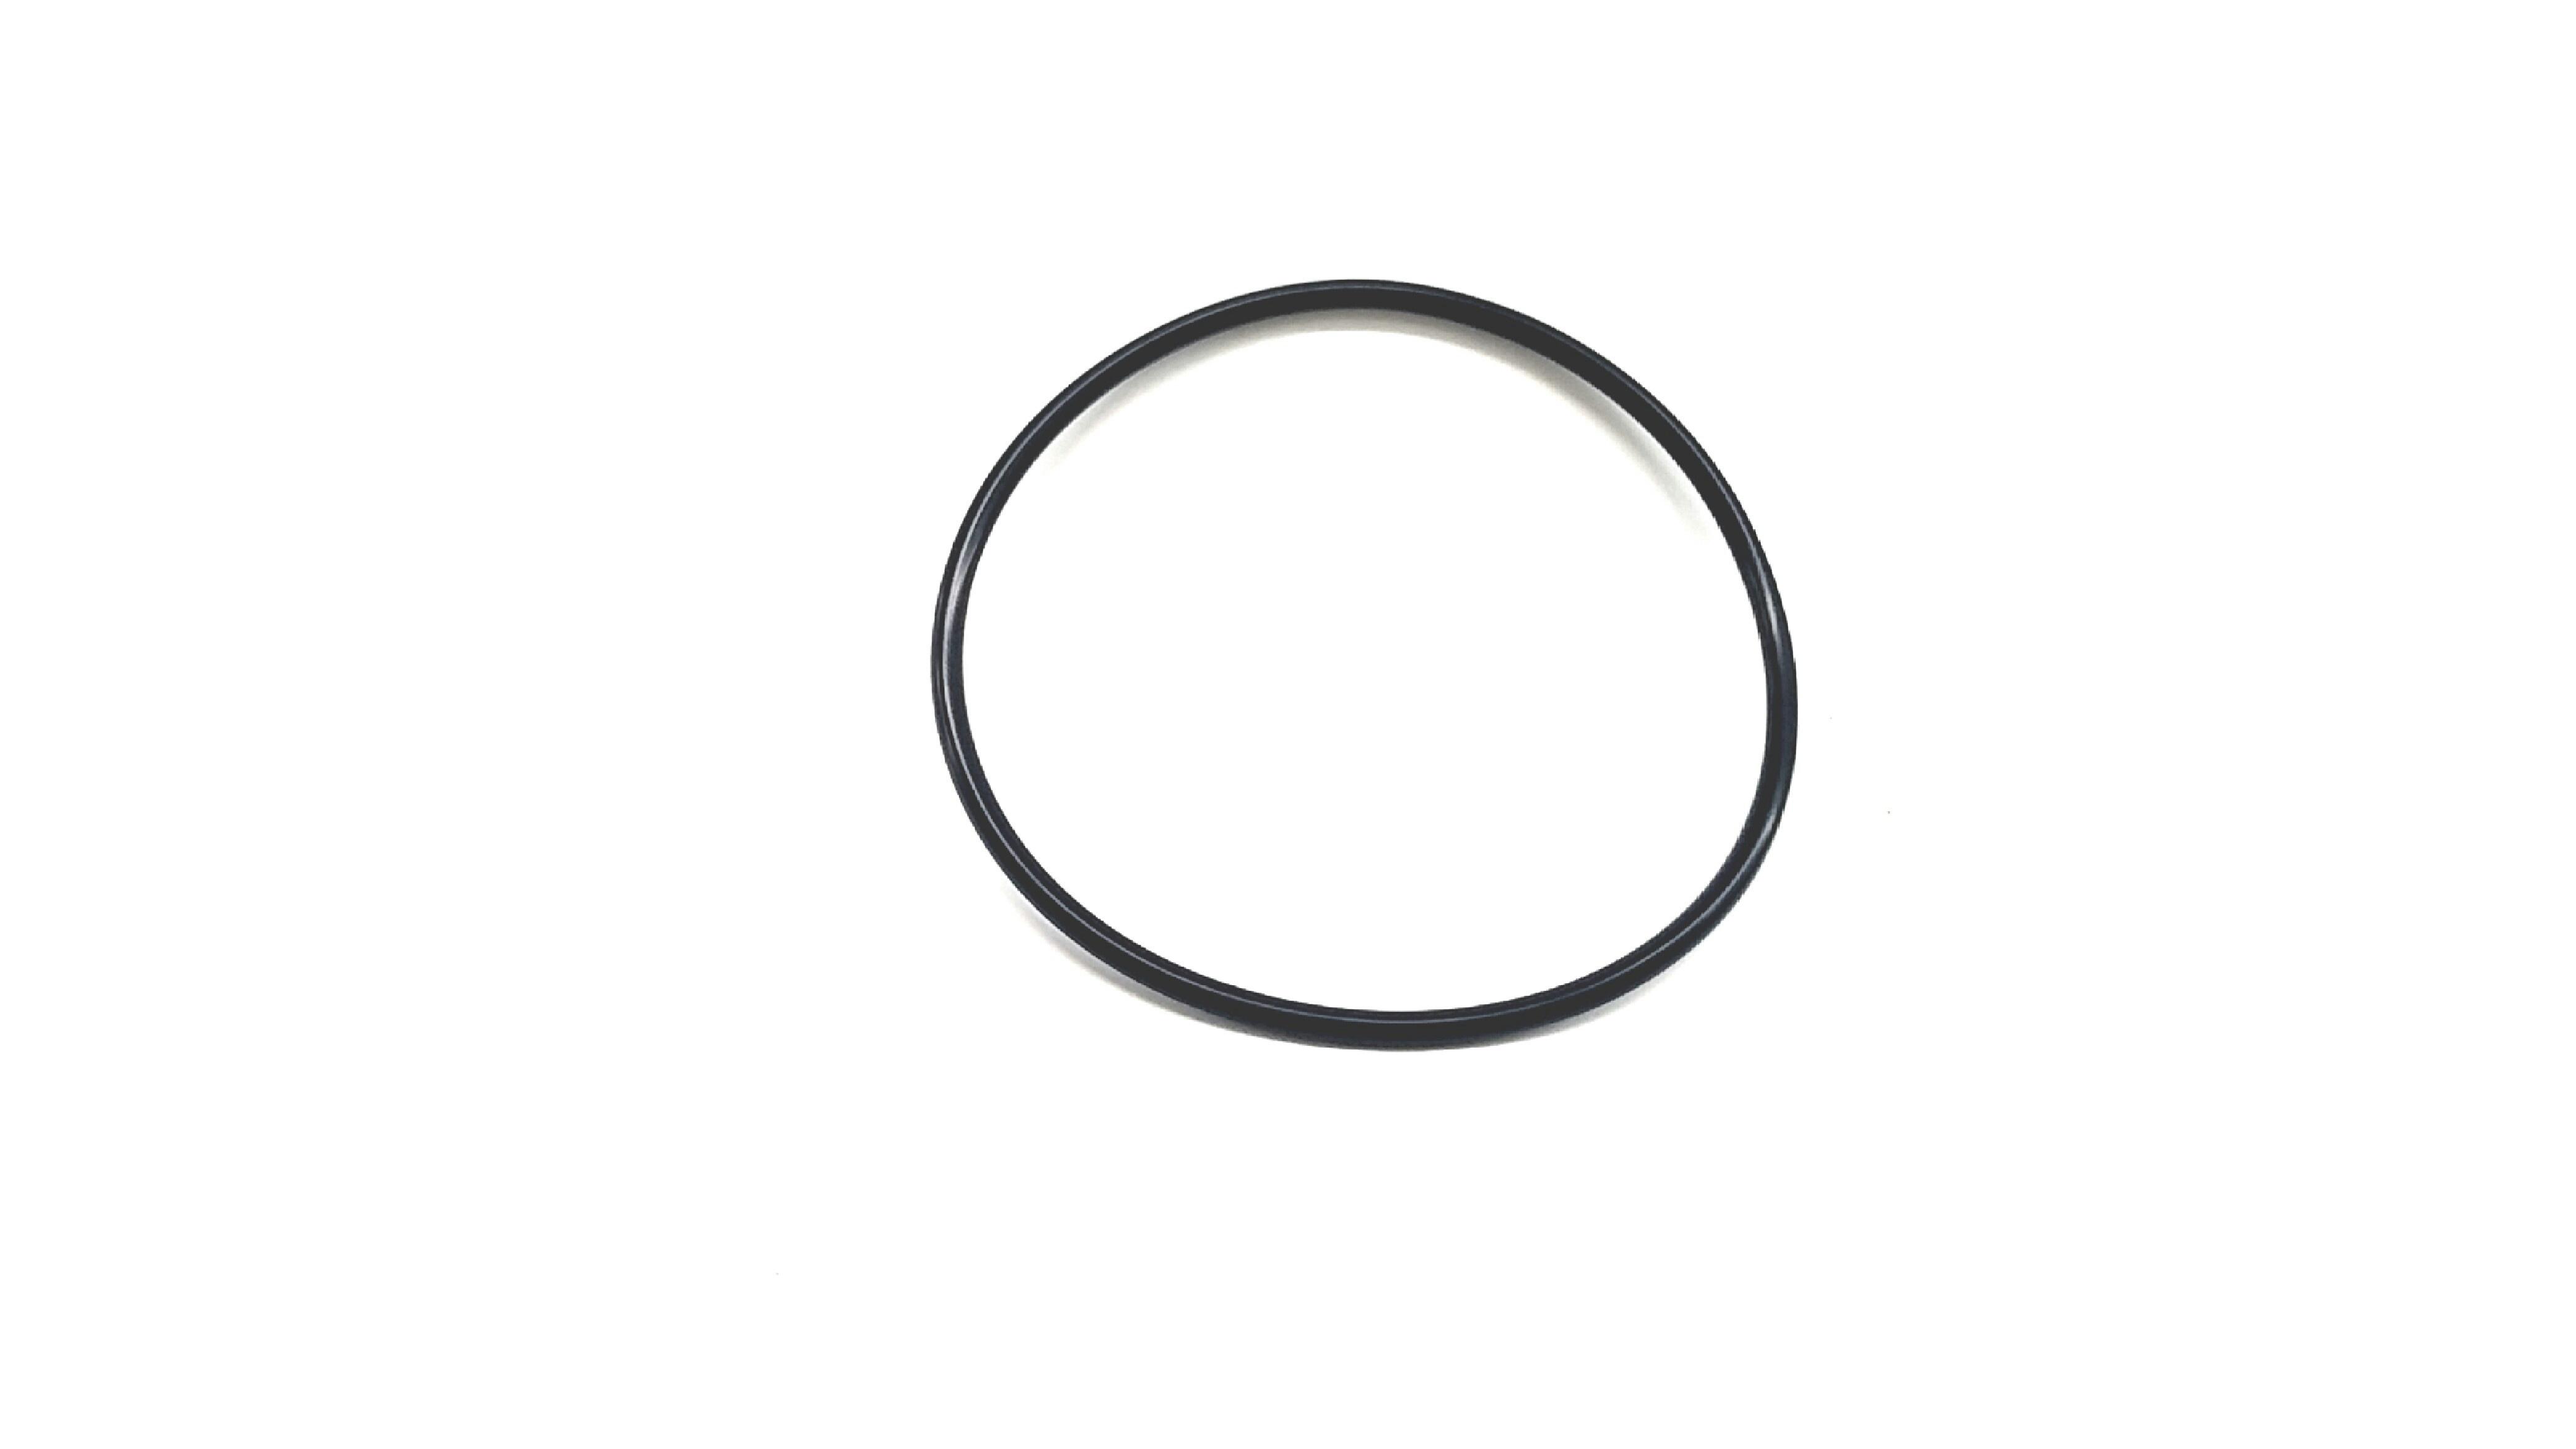 806959030 - O Ring  Engine  Oil  Cooler  Cooling